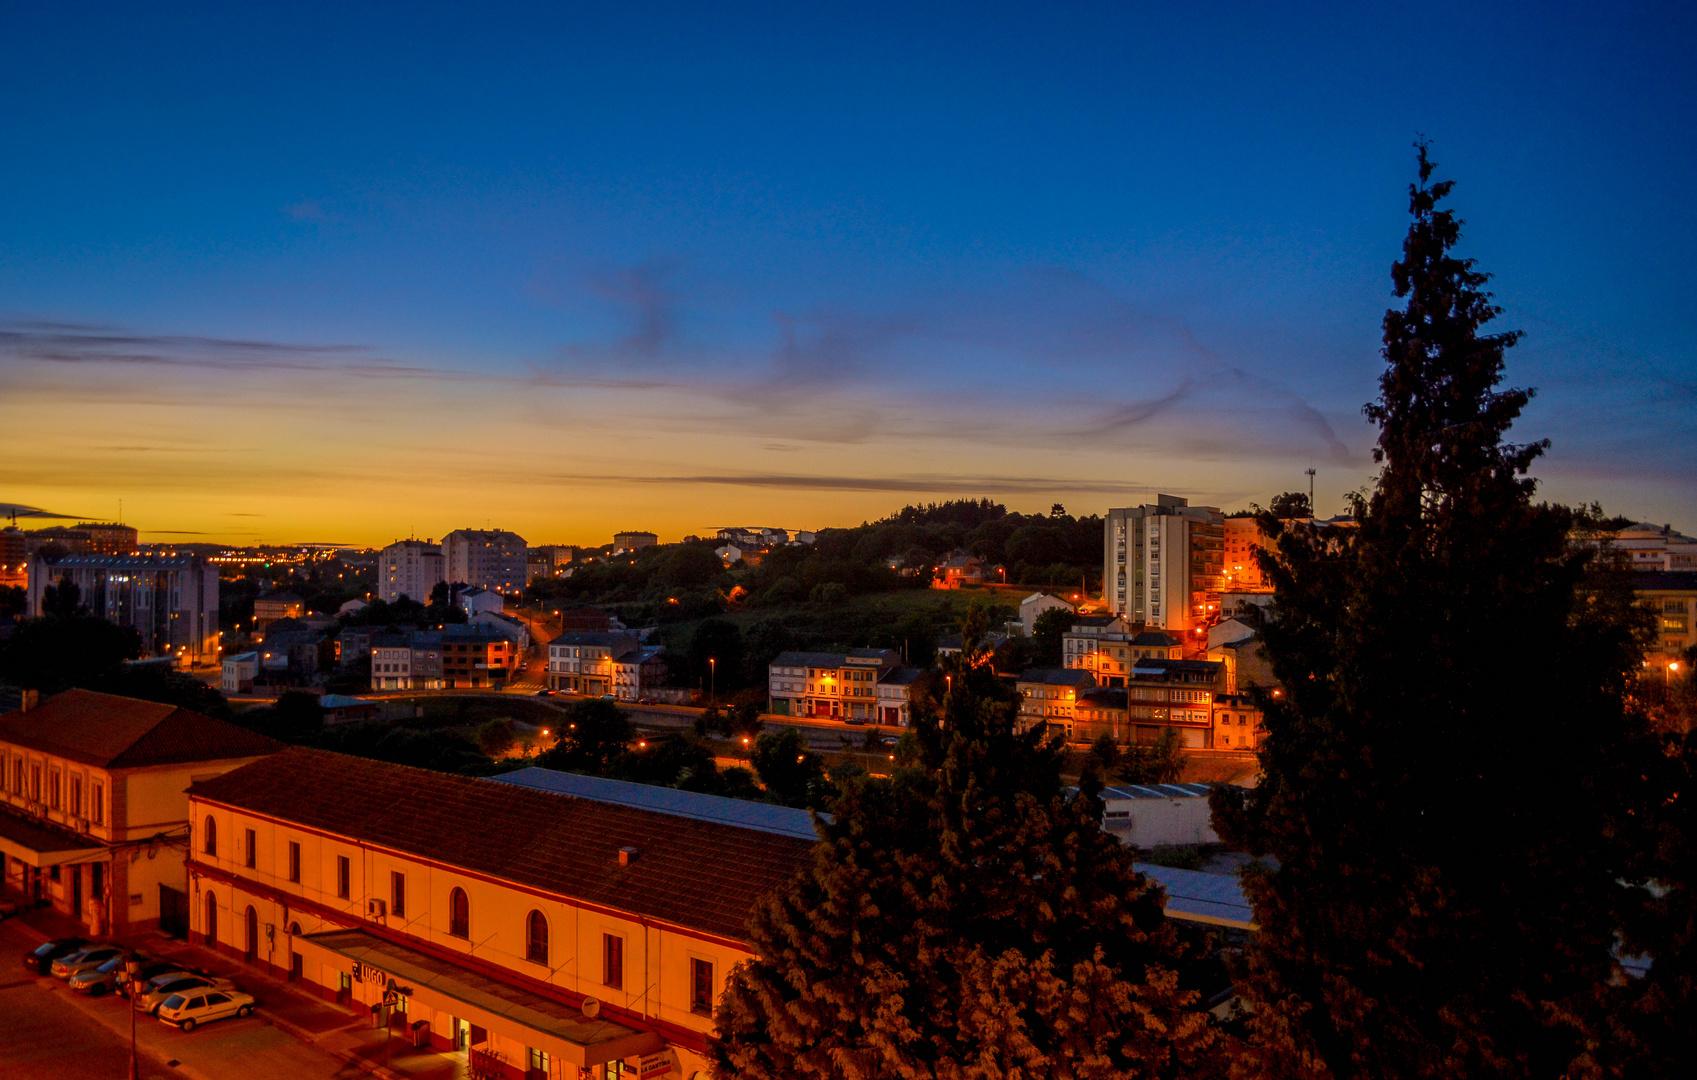 Atardecer en Lugo Imagen & Foto | ciudades, motivos Fotos de ...